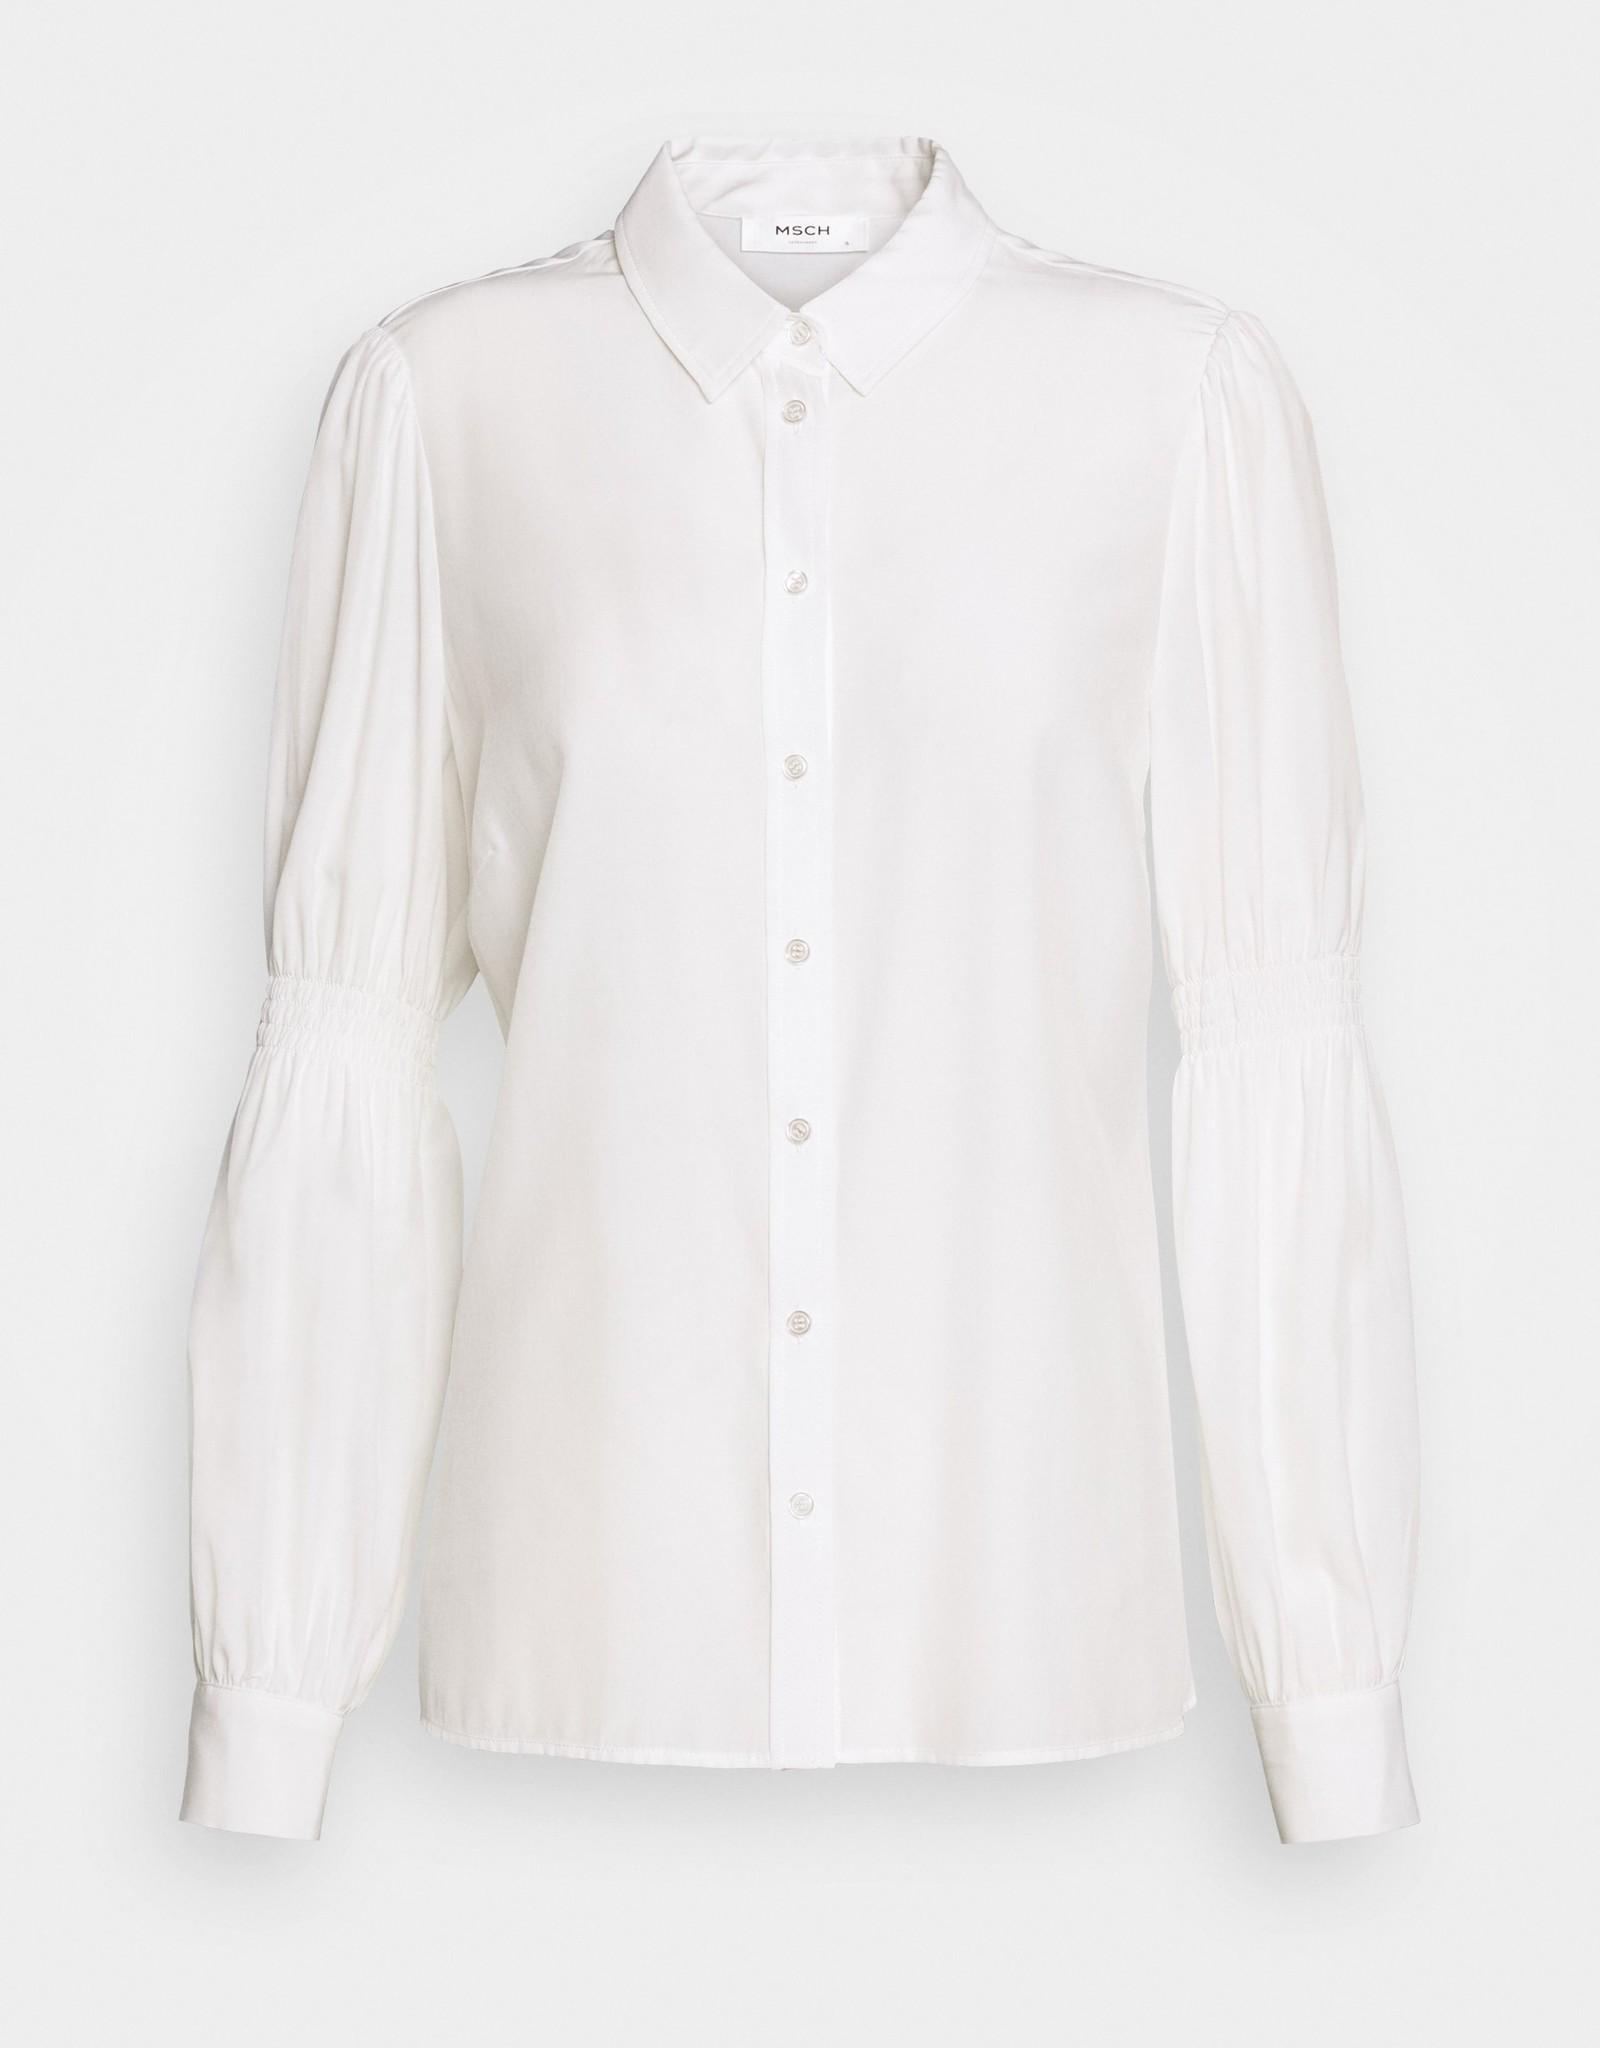 Moss Copenhagen MSCH - Blakely melody LS shirt